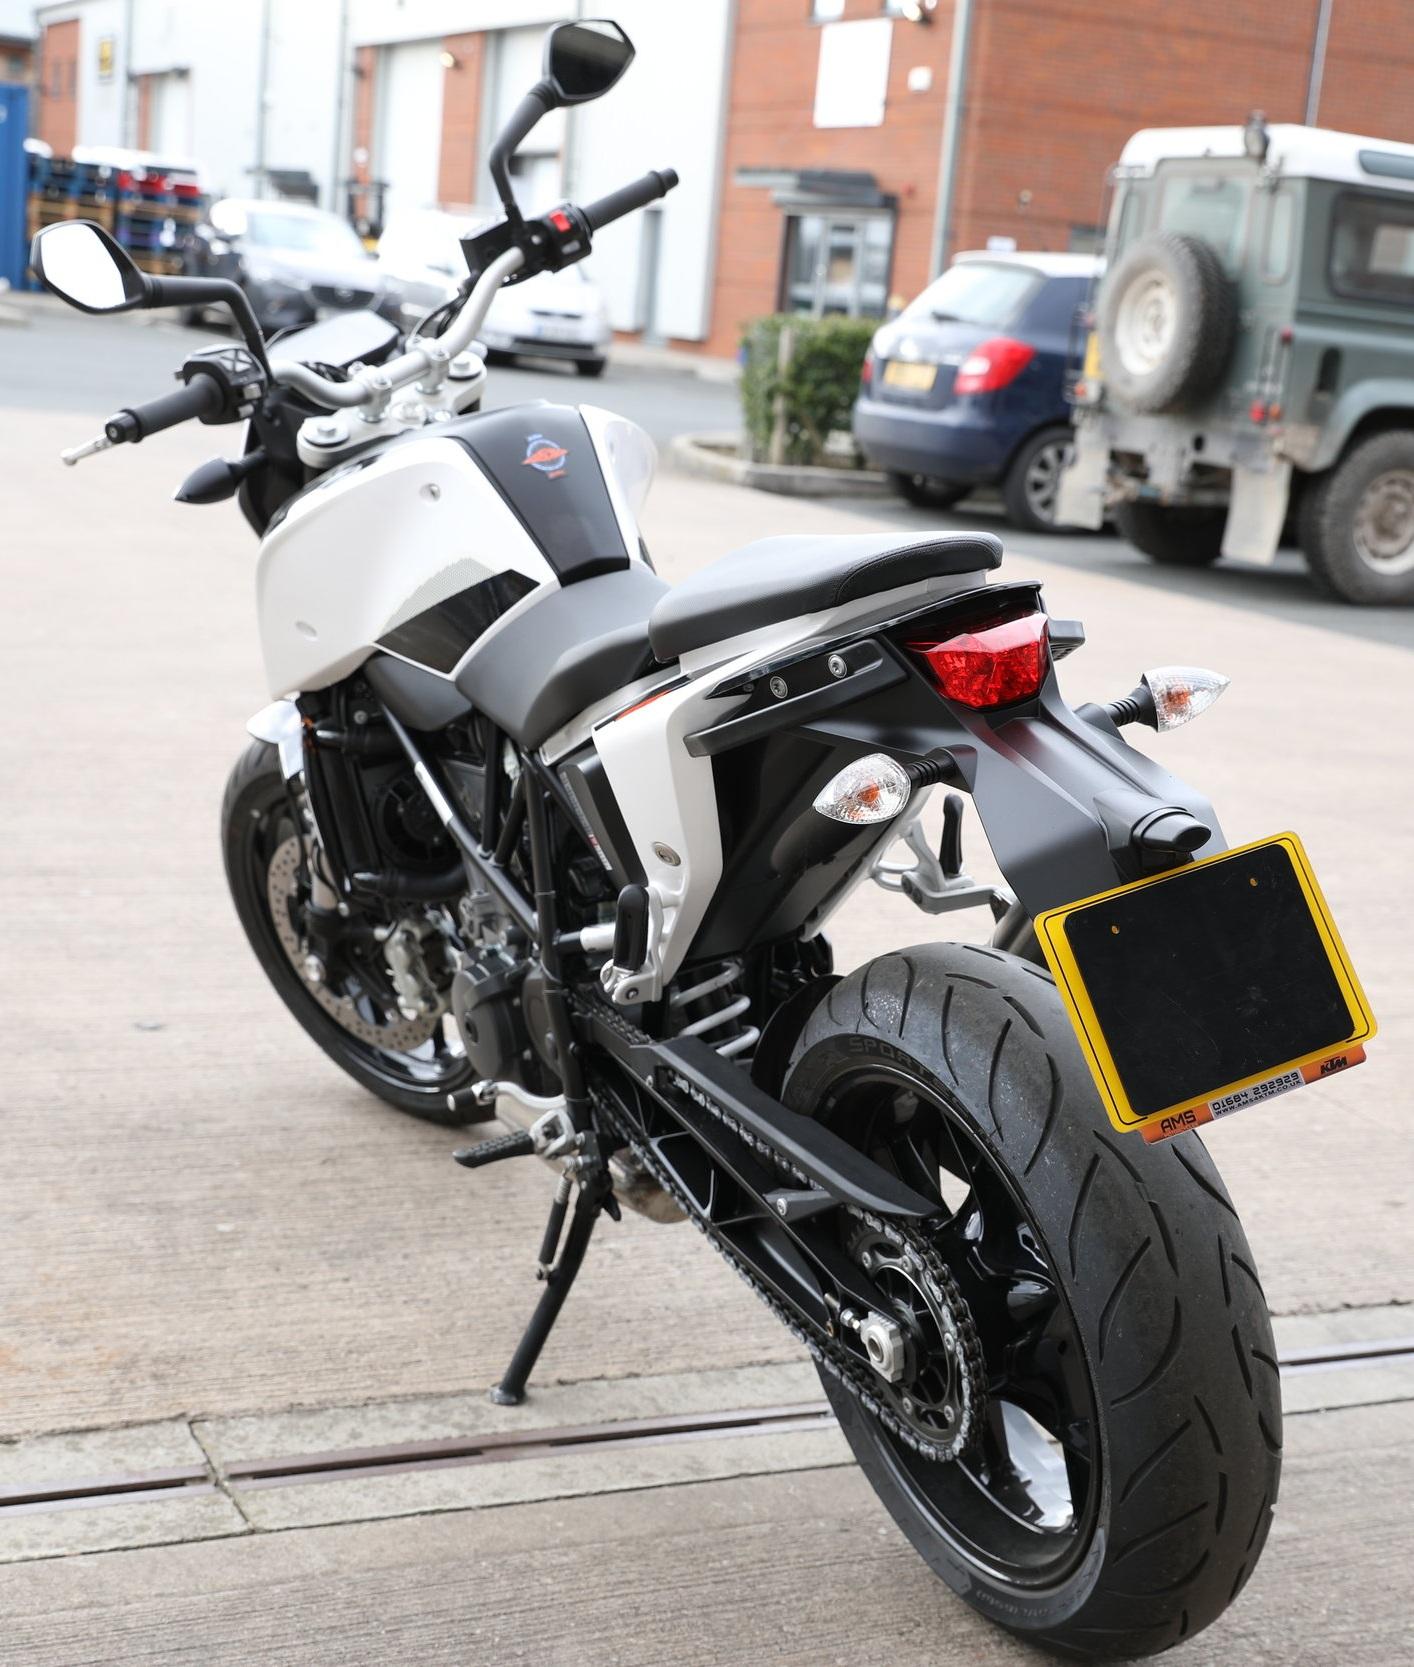 KTM DUKE 690 (2016-ON)